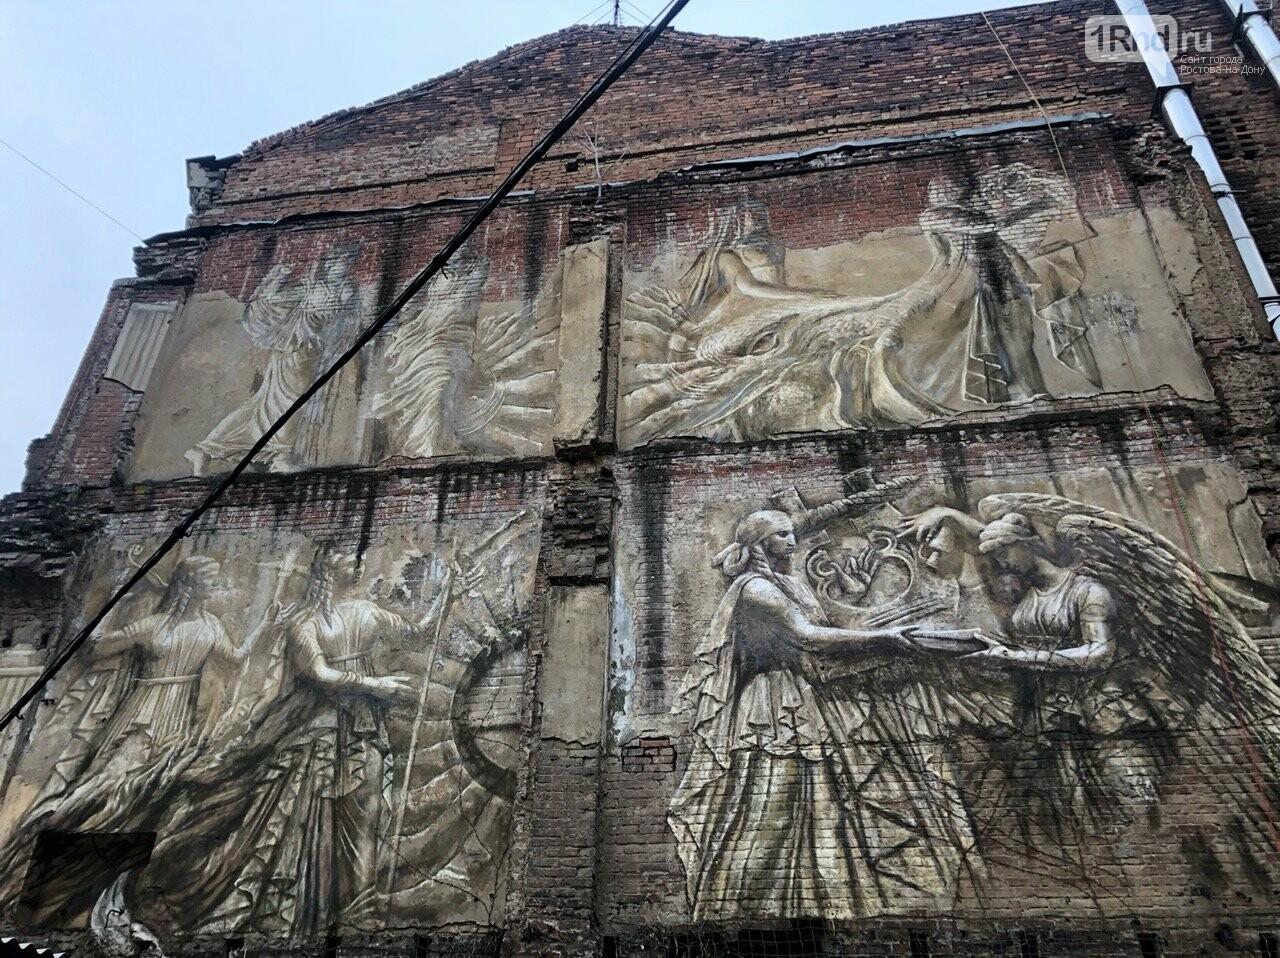 В Ростове на стене разрушенного дома появилась фреска с античными музами, фото-1